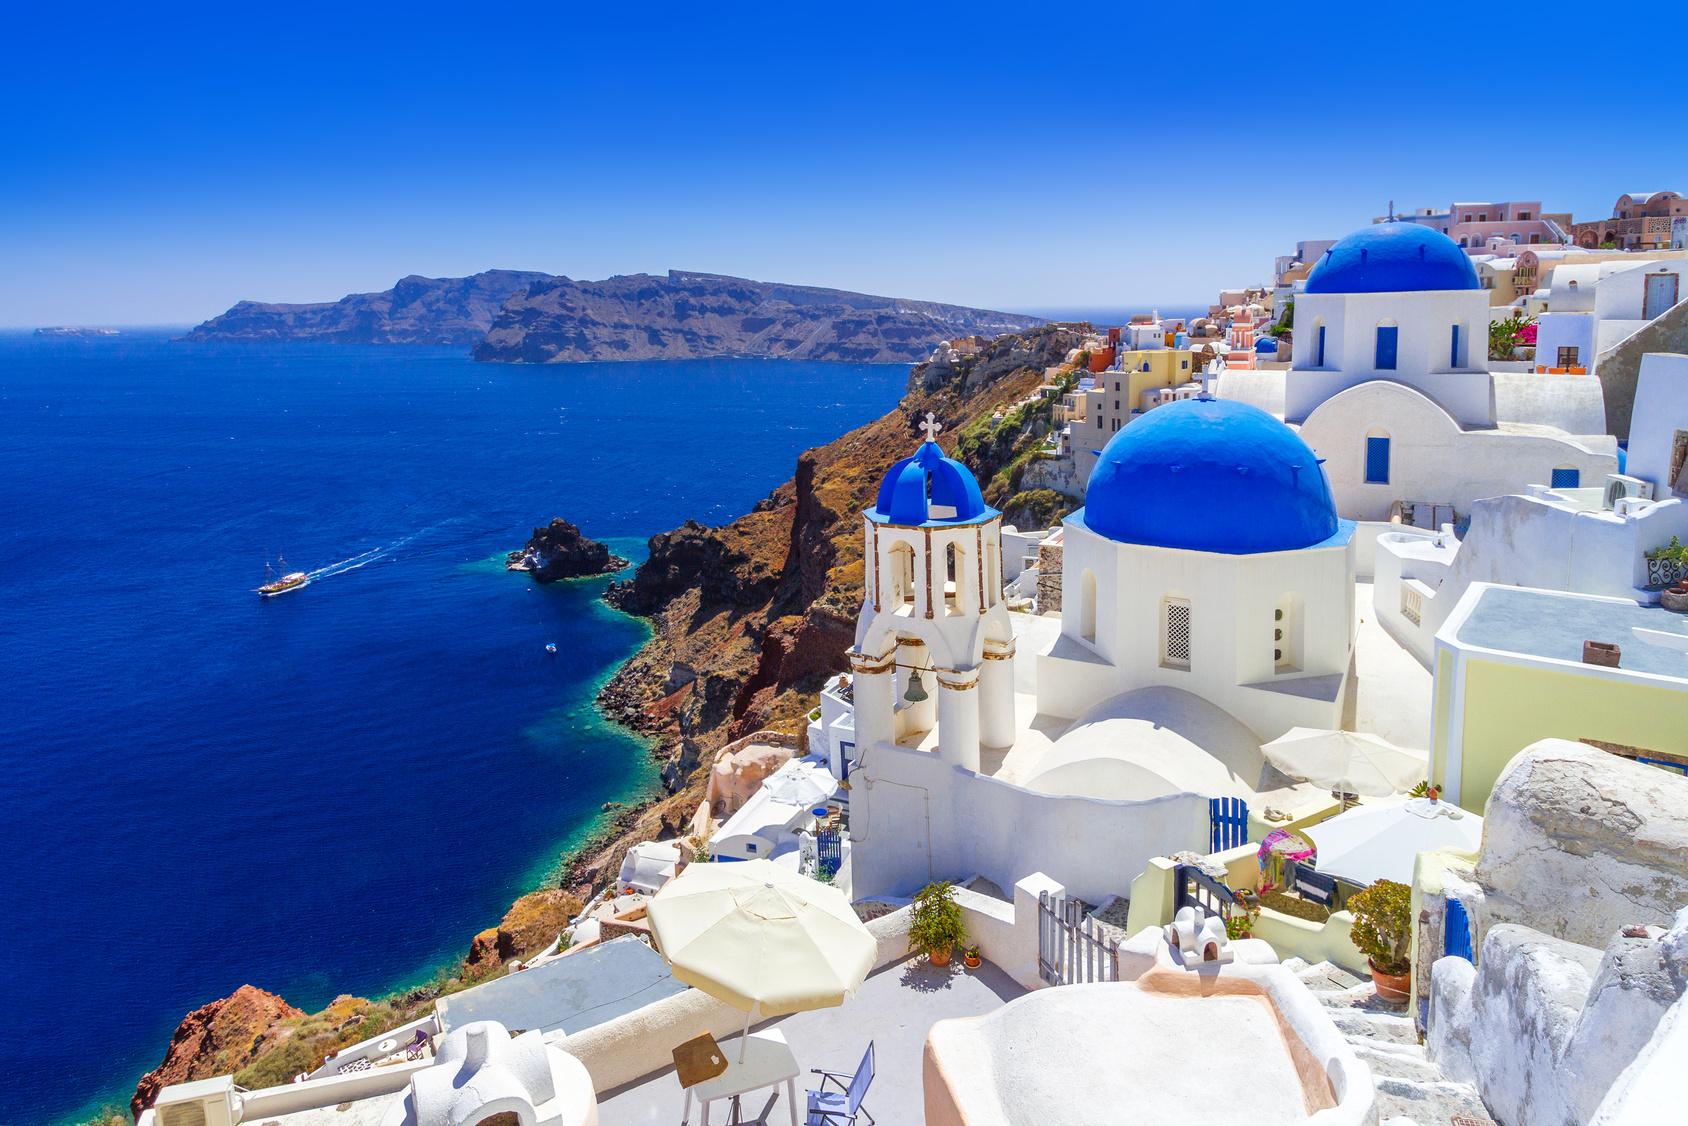 reisepass24 | Beste Reisen, beste Preise